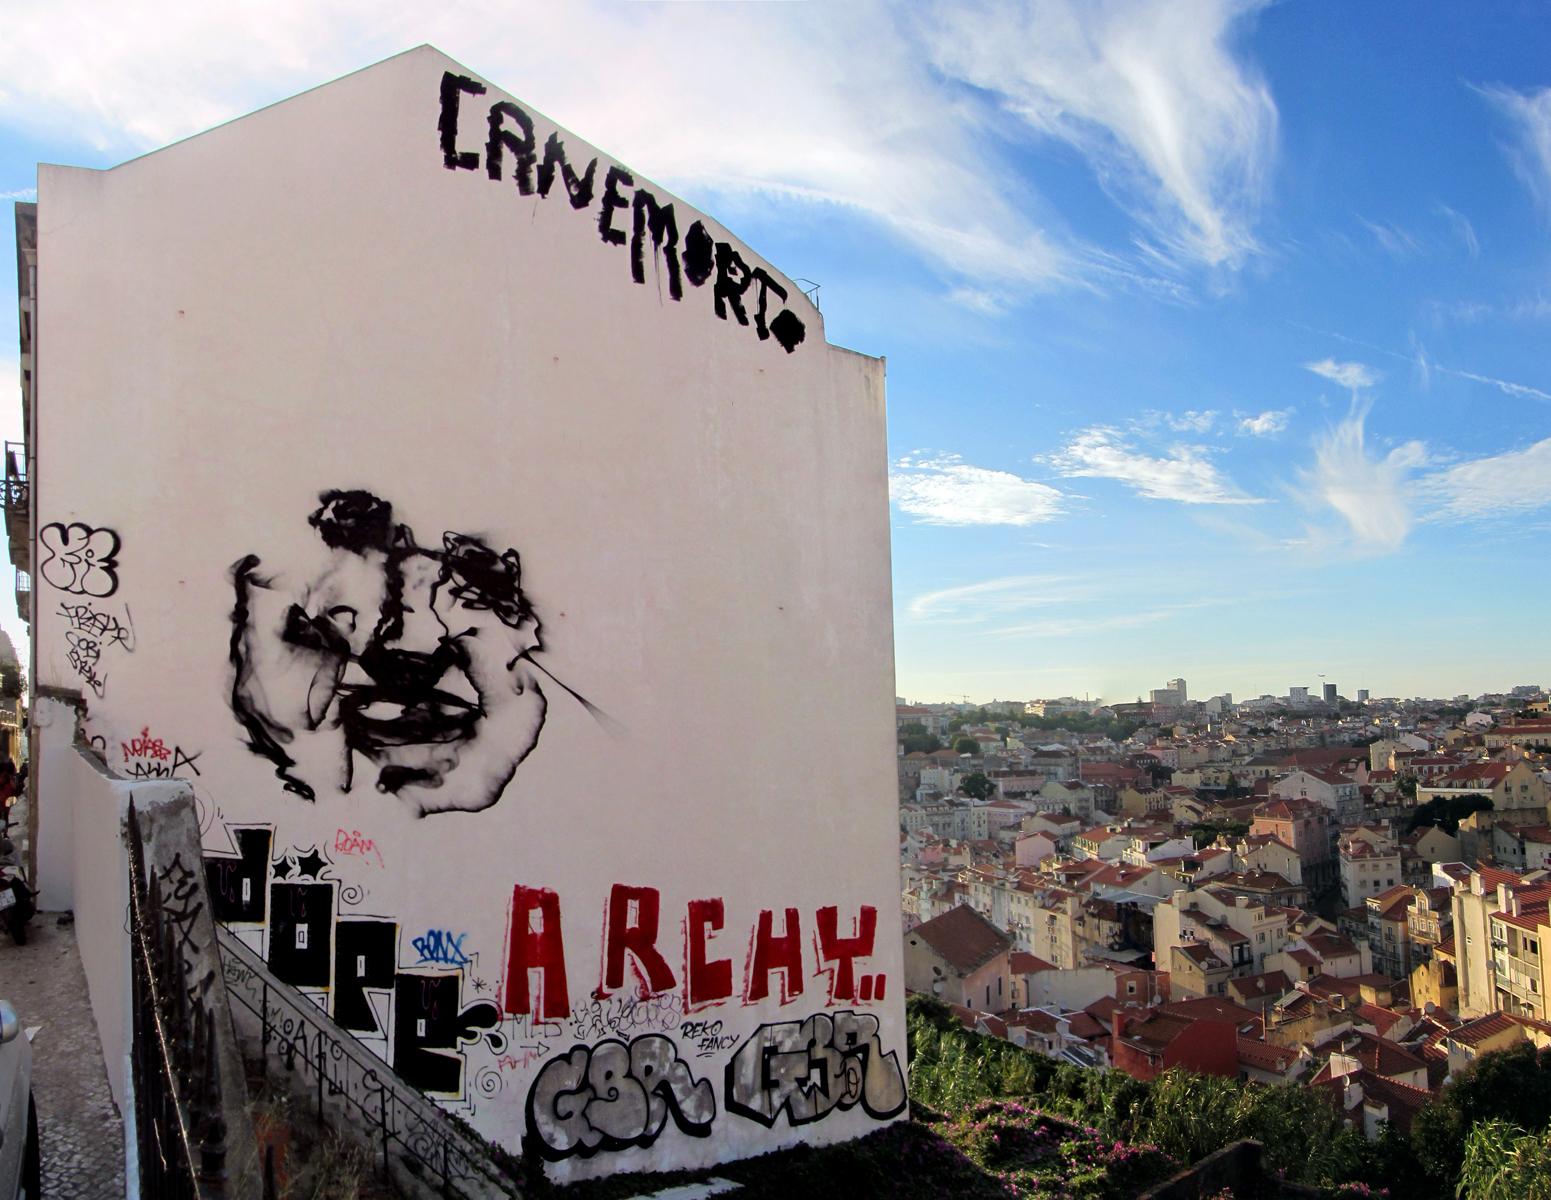 canemorto-a-series-of-murals-in-lisboa-24